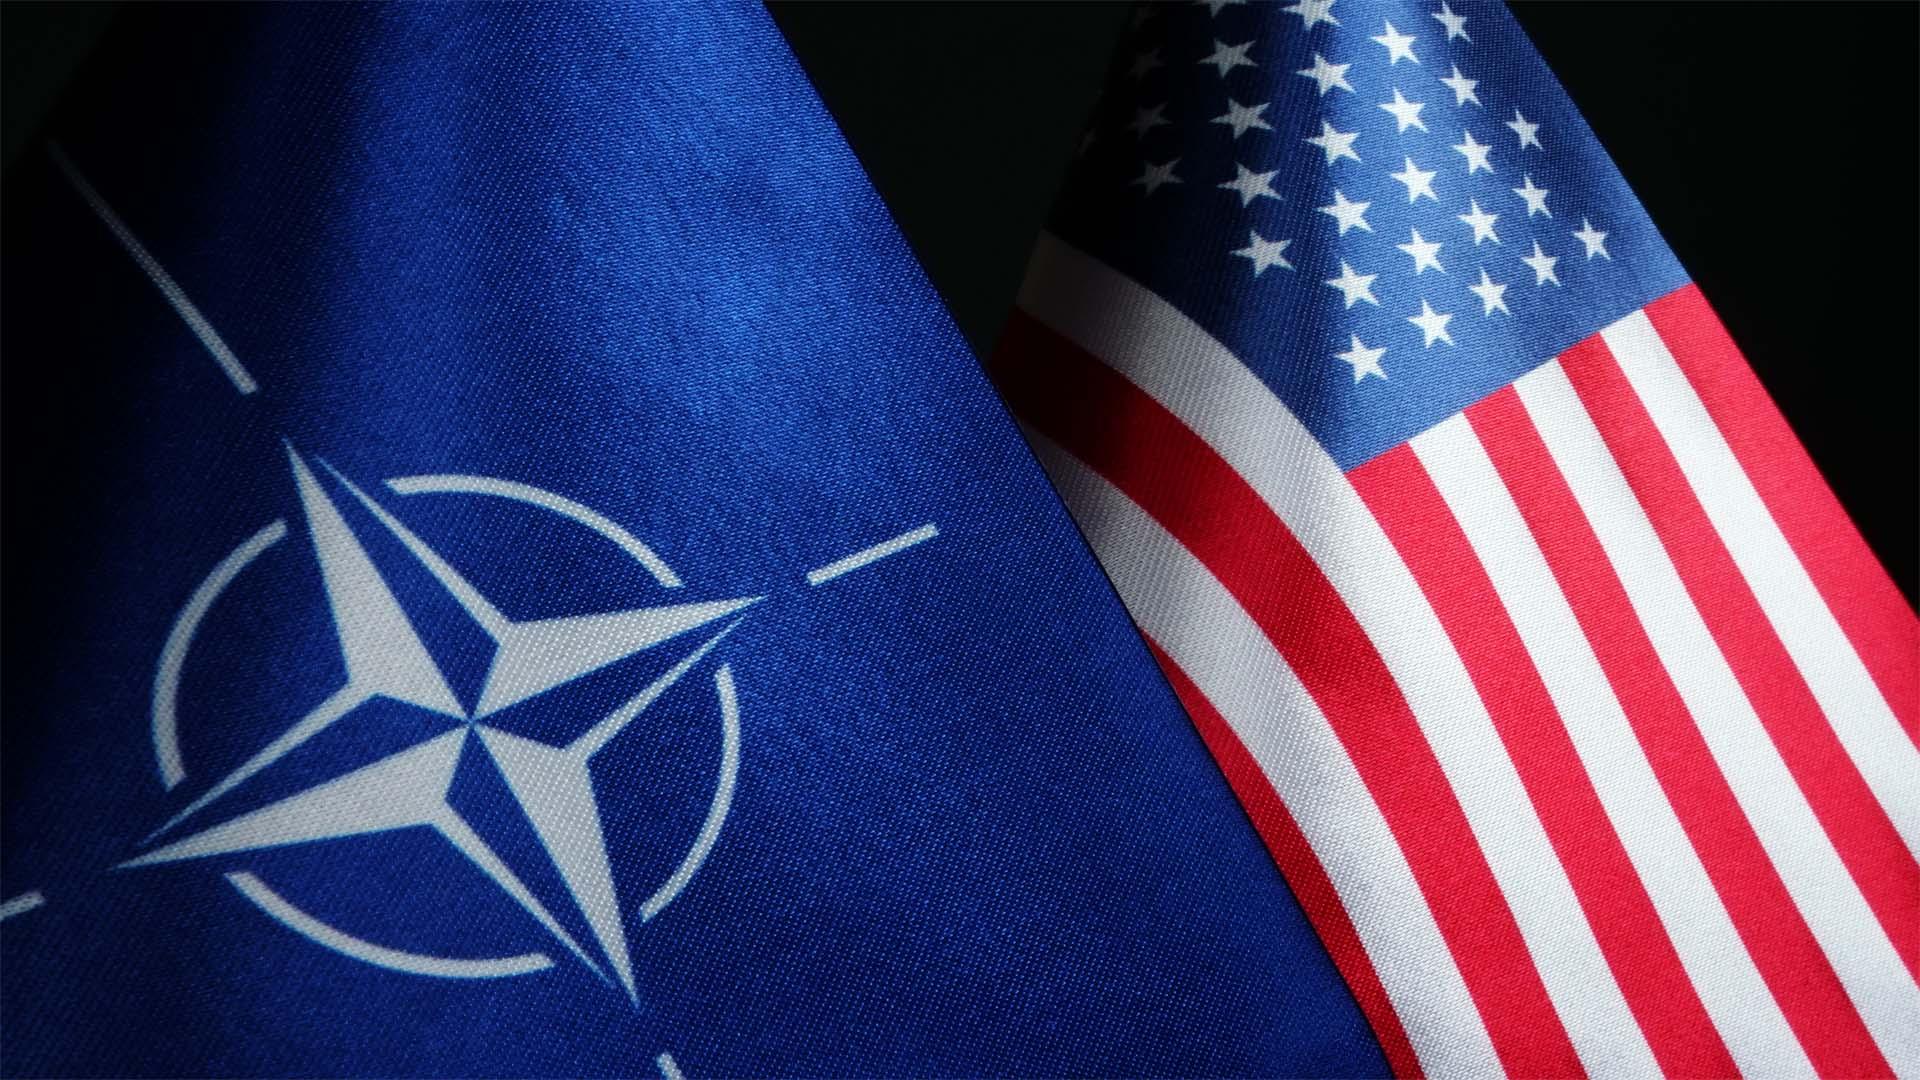 العلاقات الأمريكية مع حلف الناتو في عهد بايدن.. حدود الوفاق ومساحات الافتراق